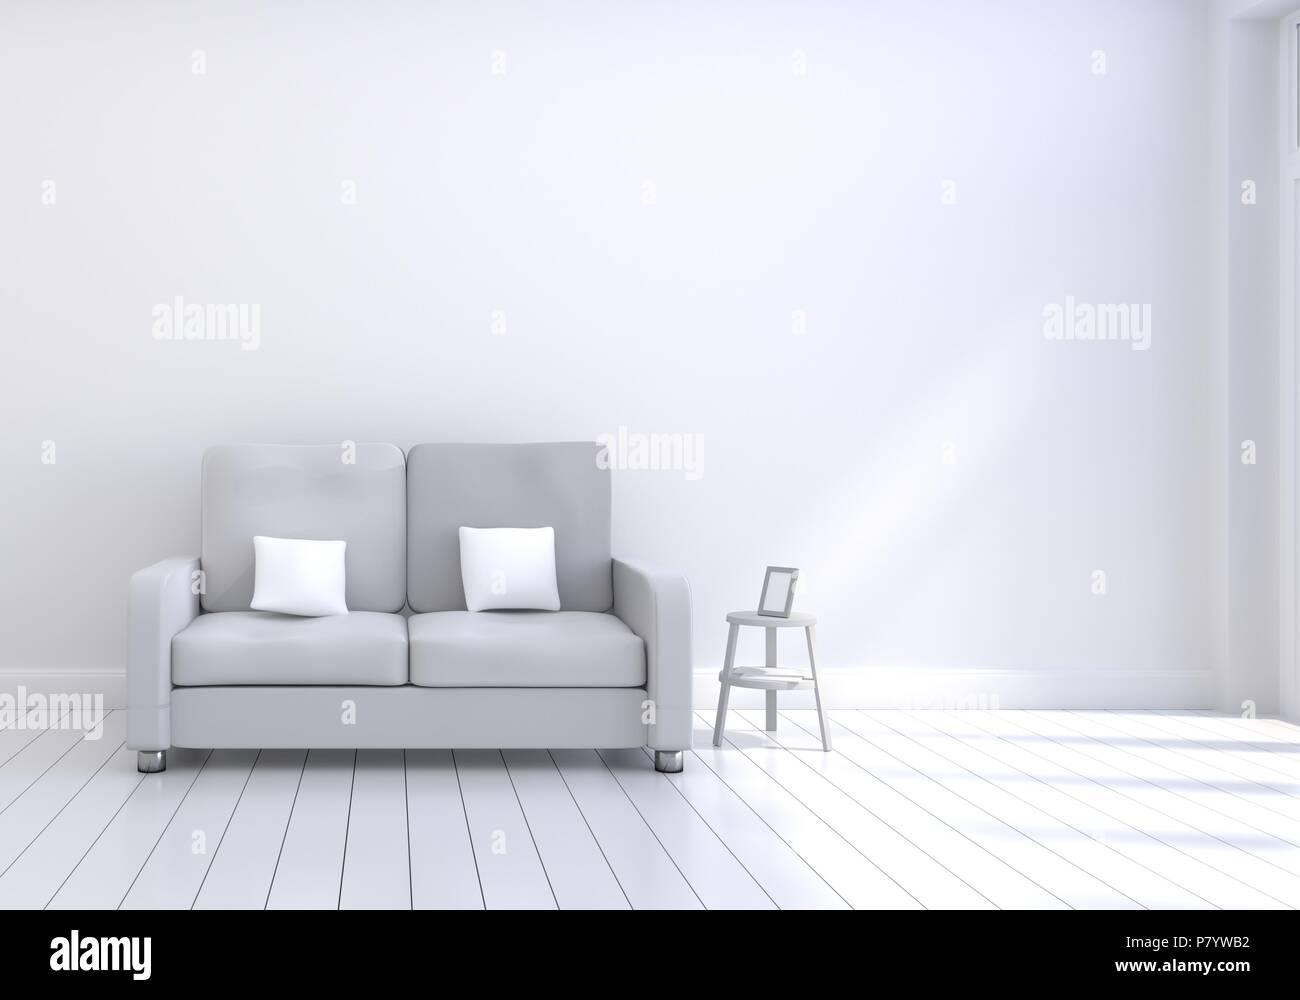 Moderne Raumgestaltung Wohnzimmer mit Sofa grau mit weißen ...